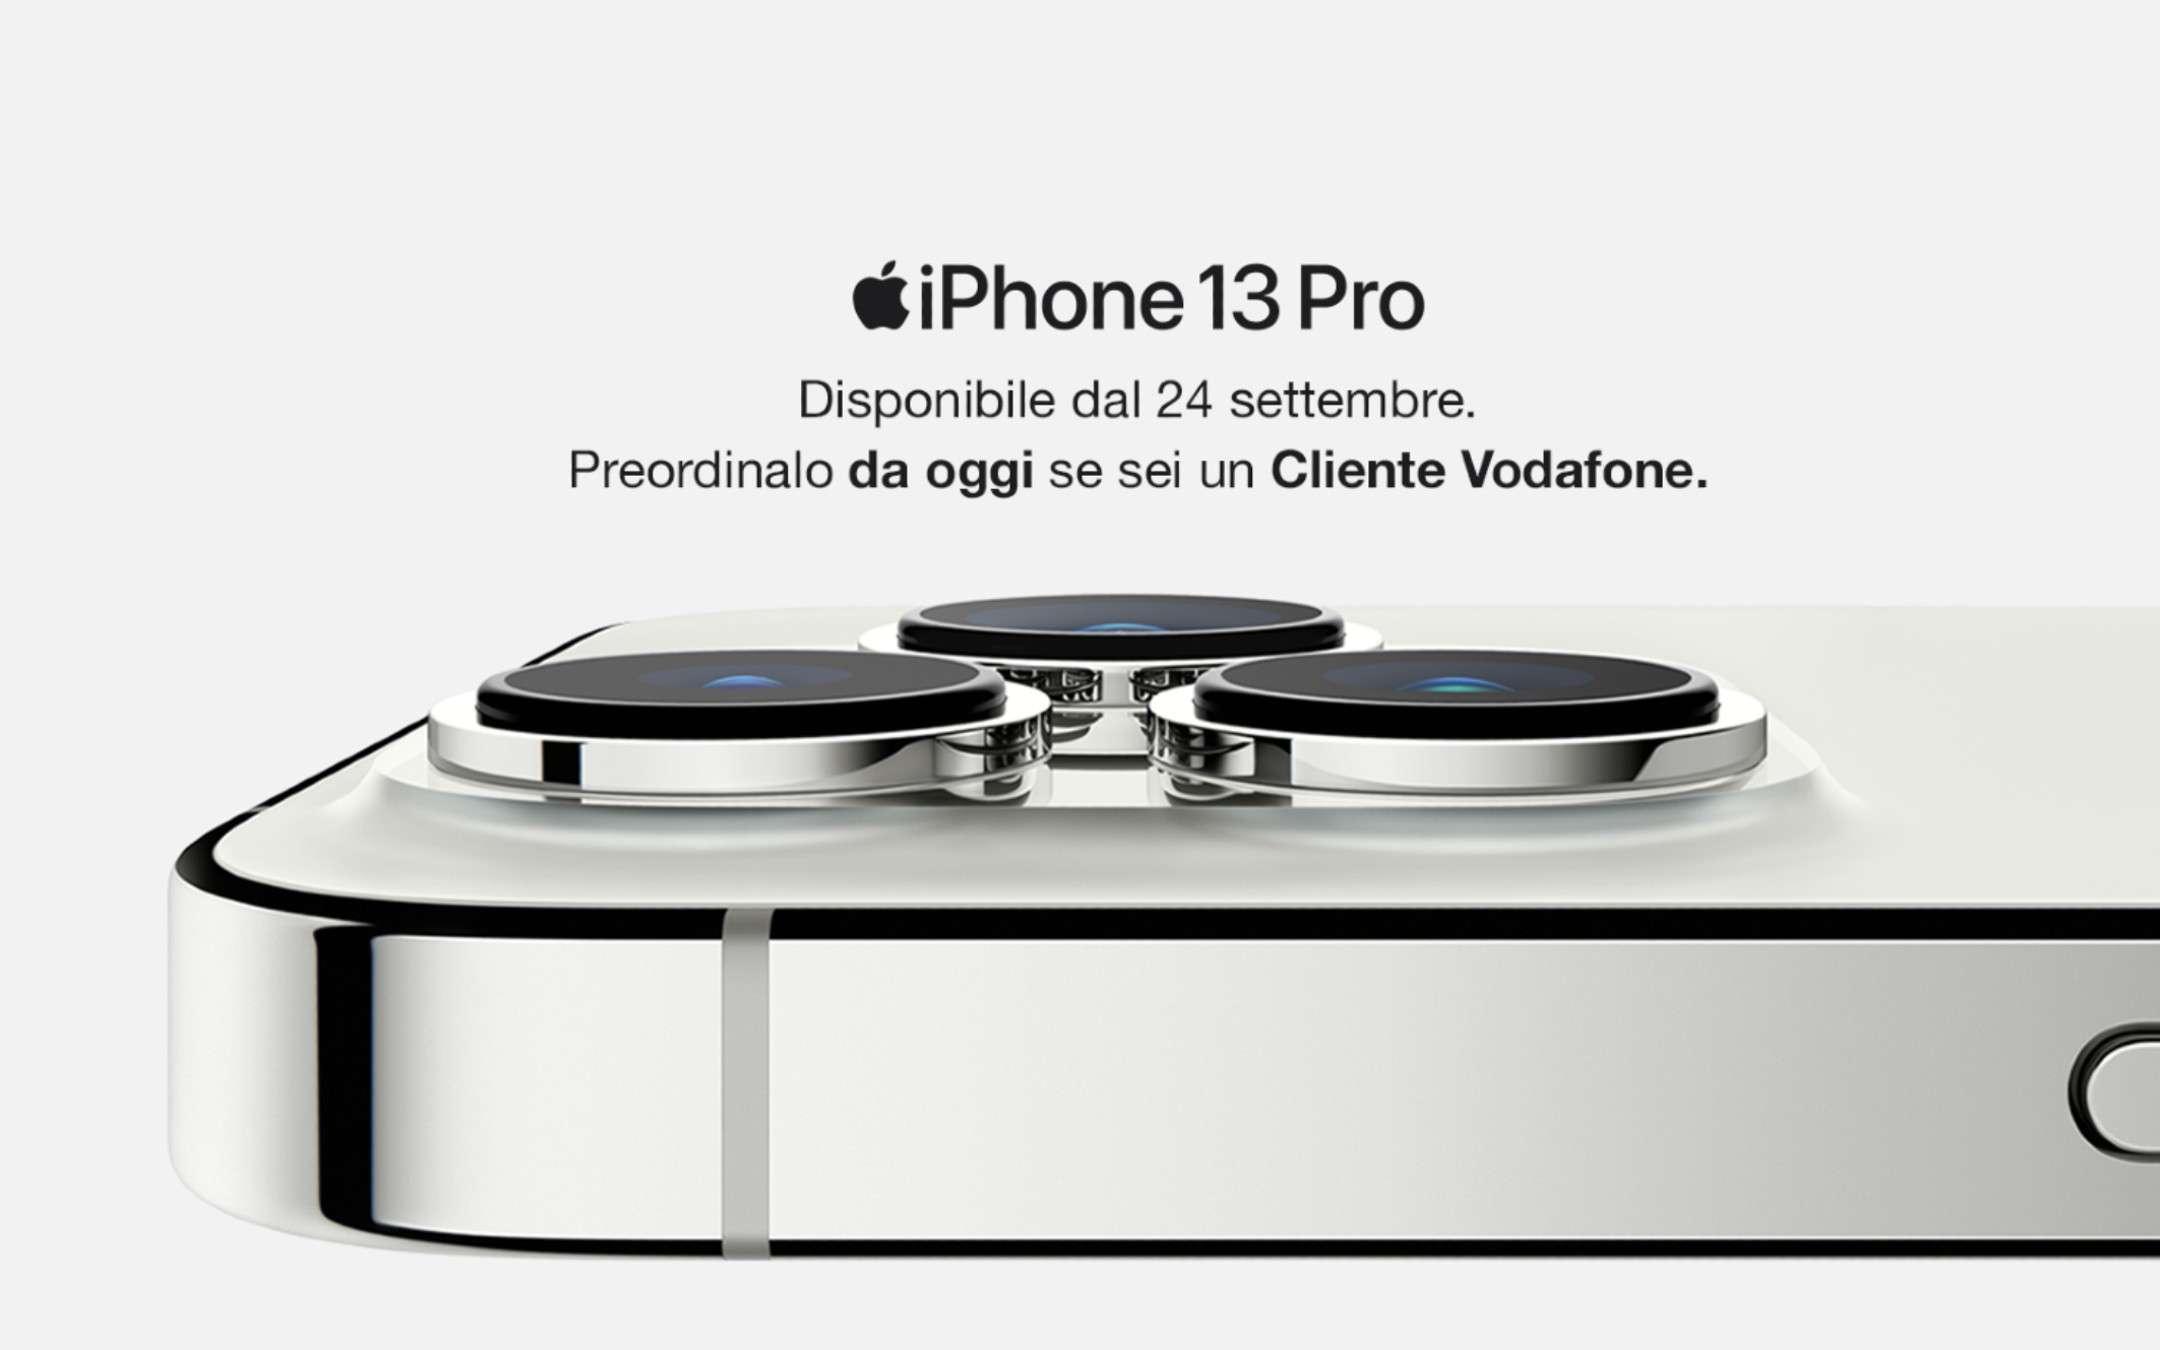 iPhone 13: con Vodafone da 27,99€ per 24 mesi!